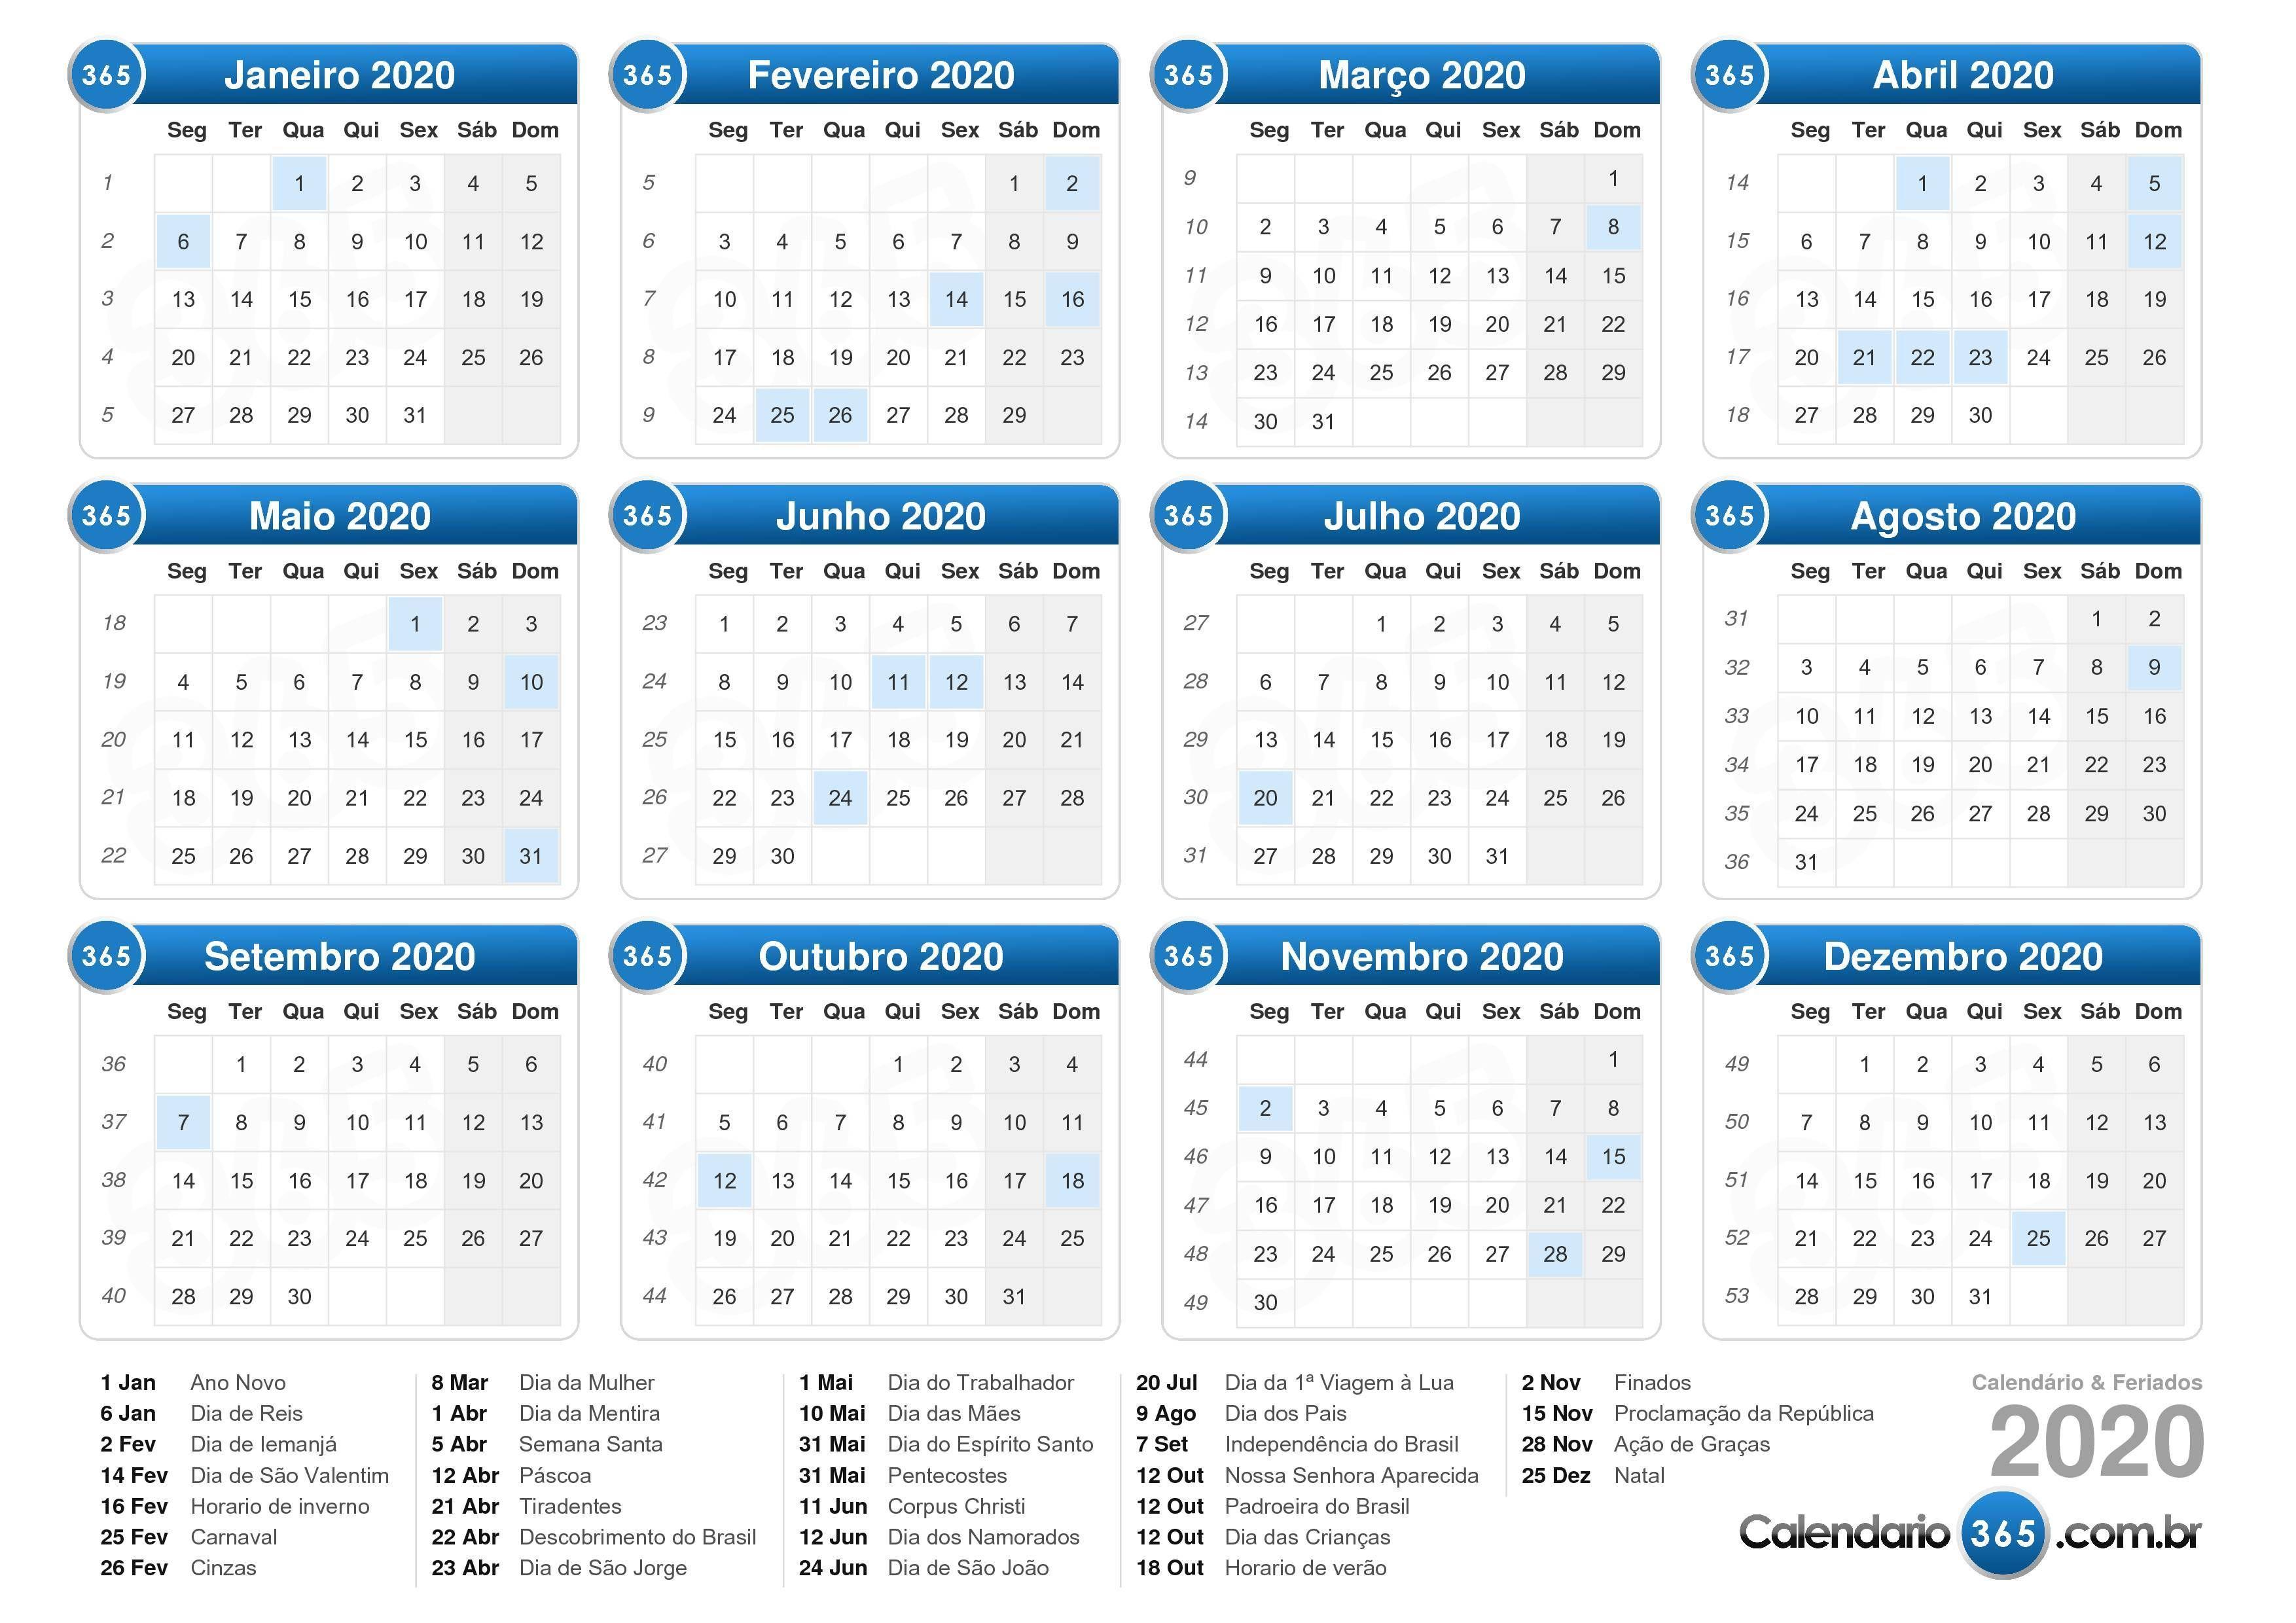 Calendário 2020 Calendário Para Impressão Modelo De Calendário Para Impressão Calendário Gratuito Para Impressão